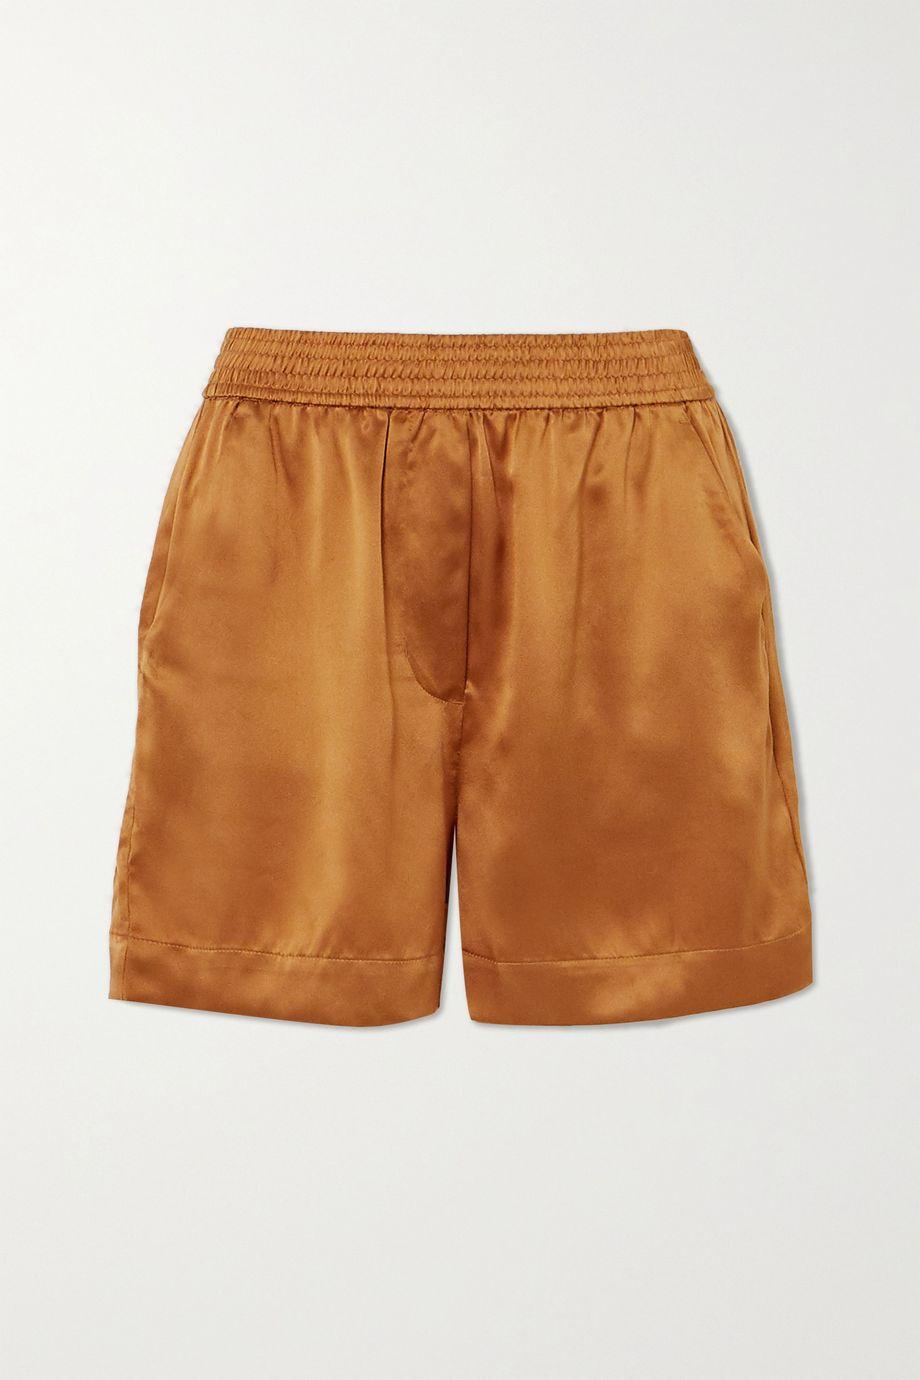 Reformation + NET SUSTAIN Bleecker silk shorts